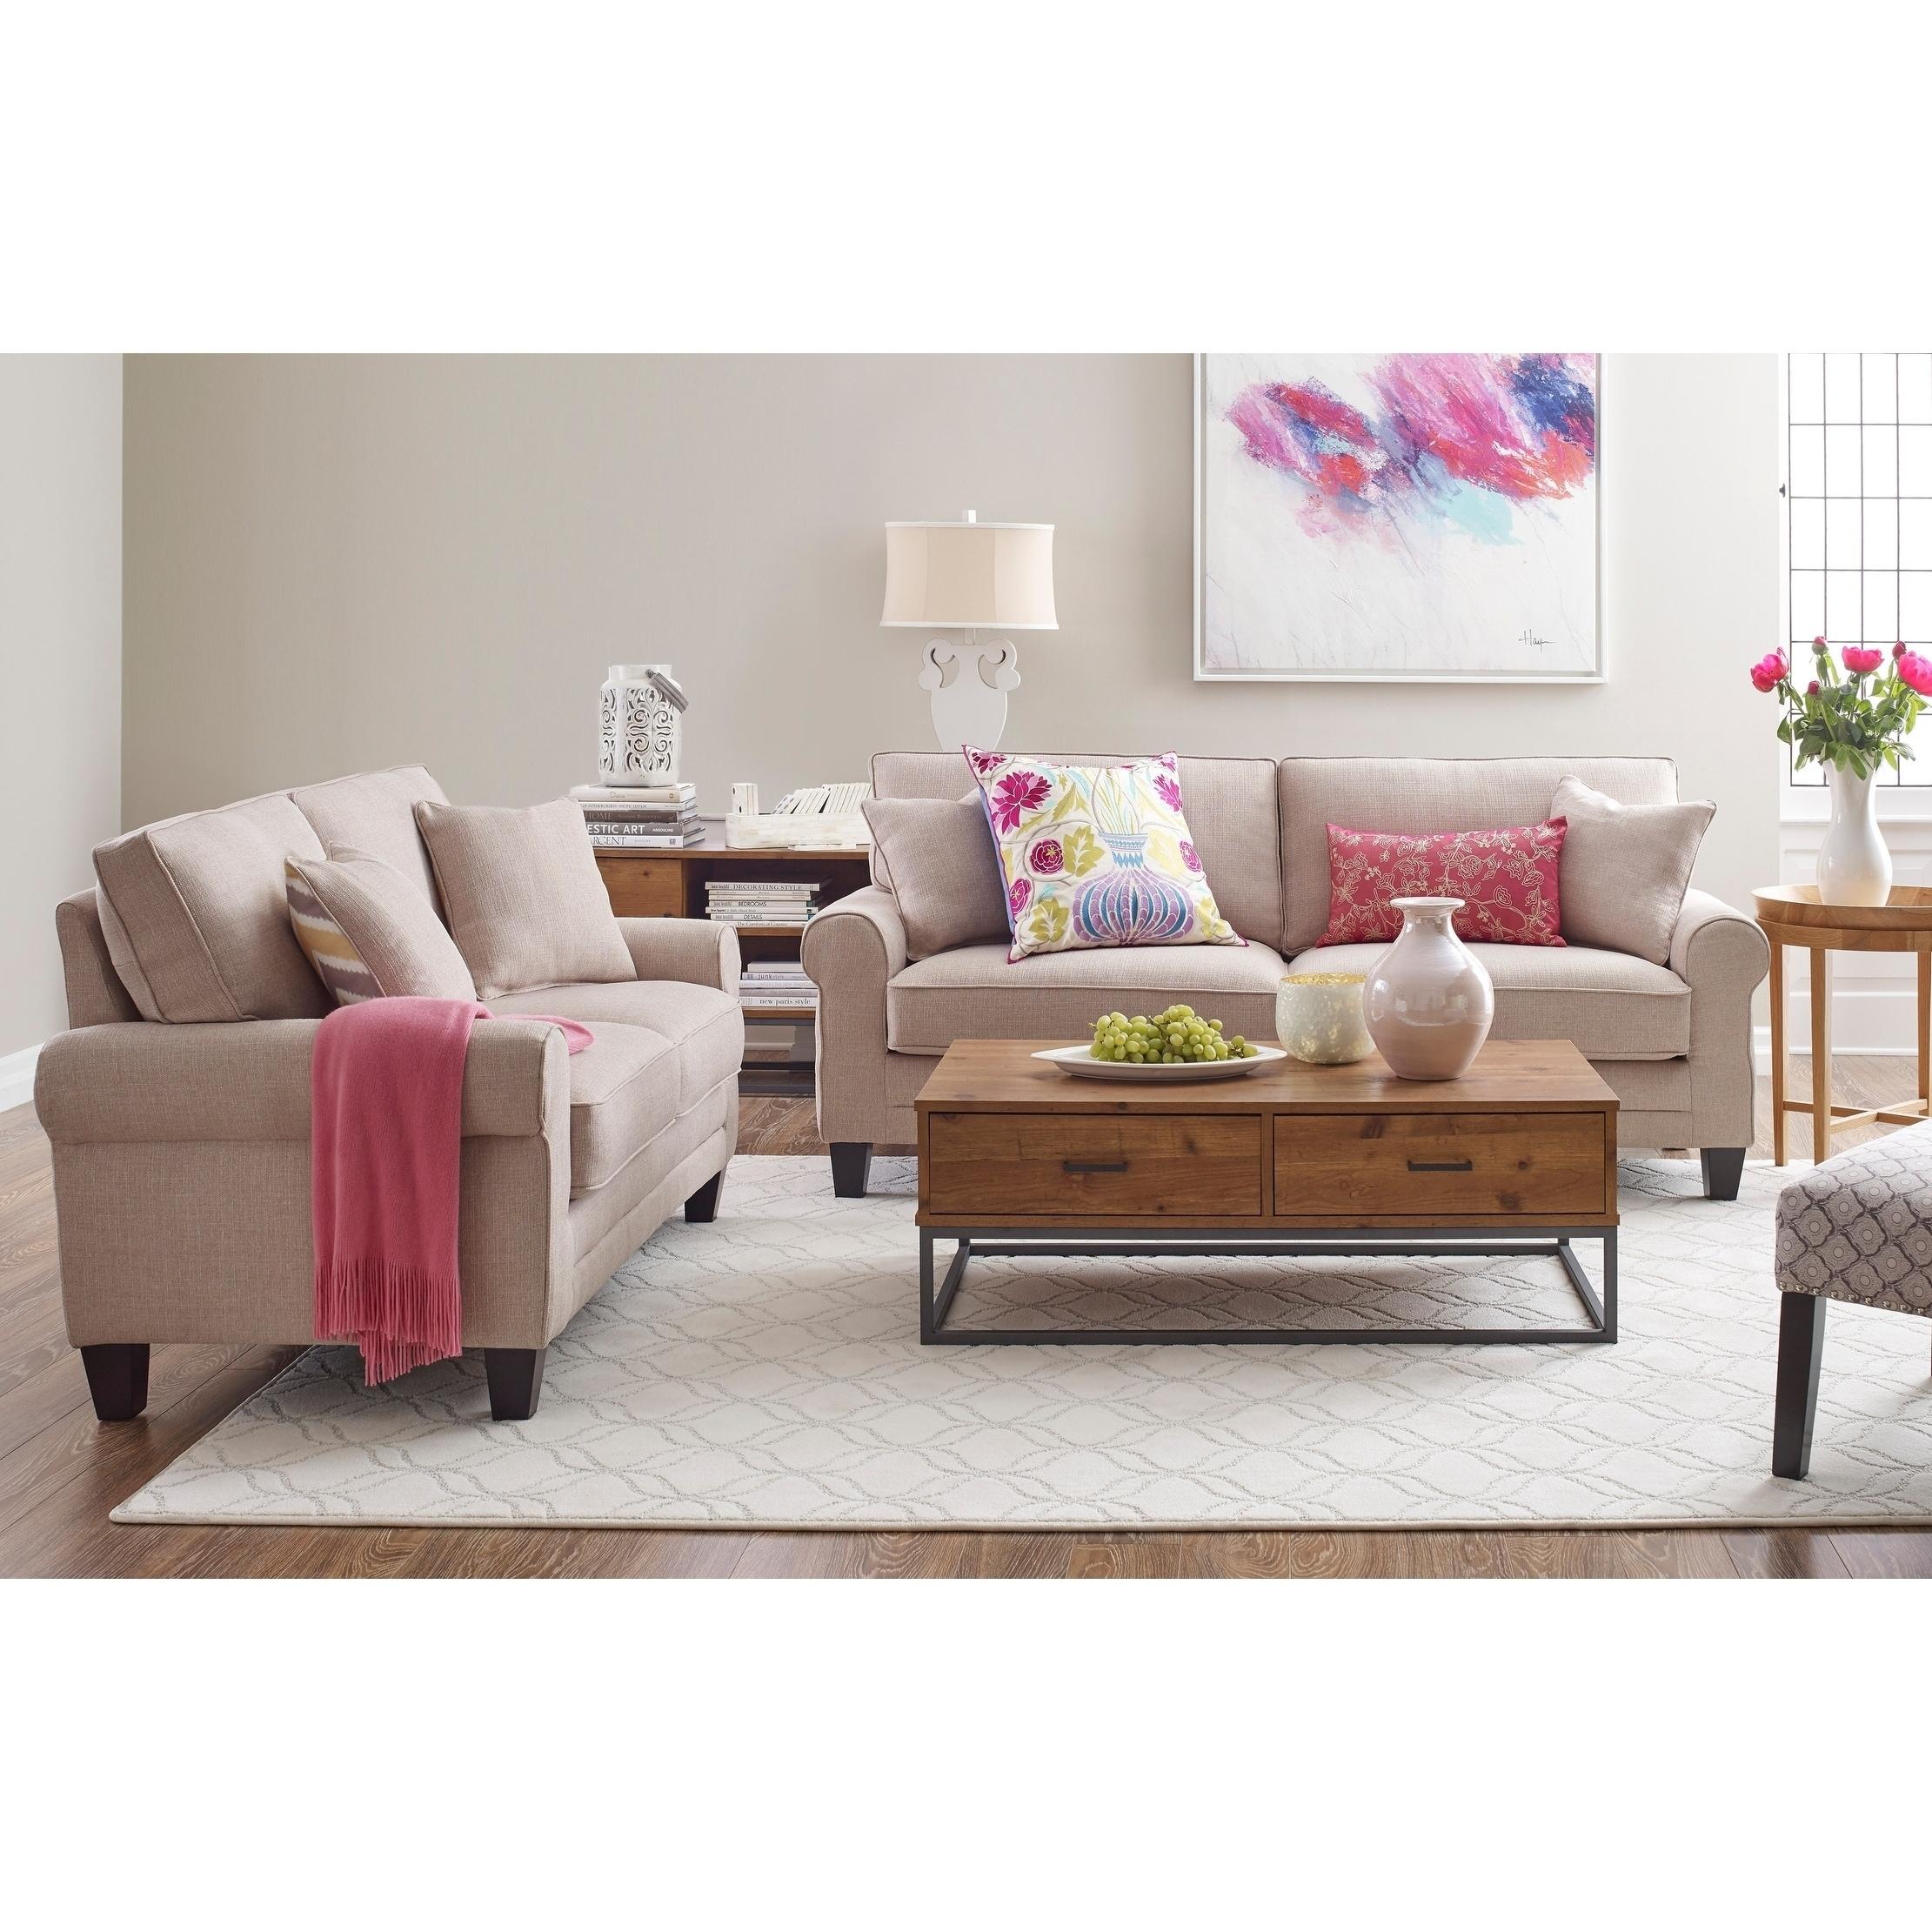 Whitney 73 Sofa in Beige